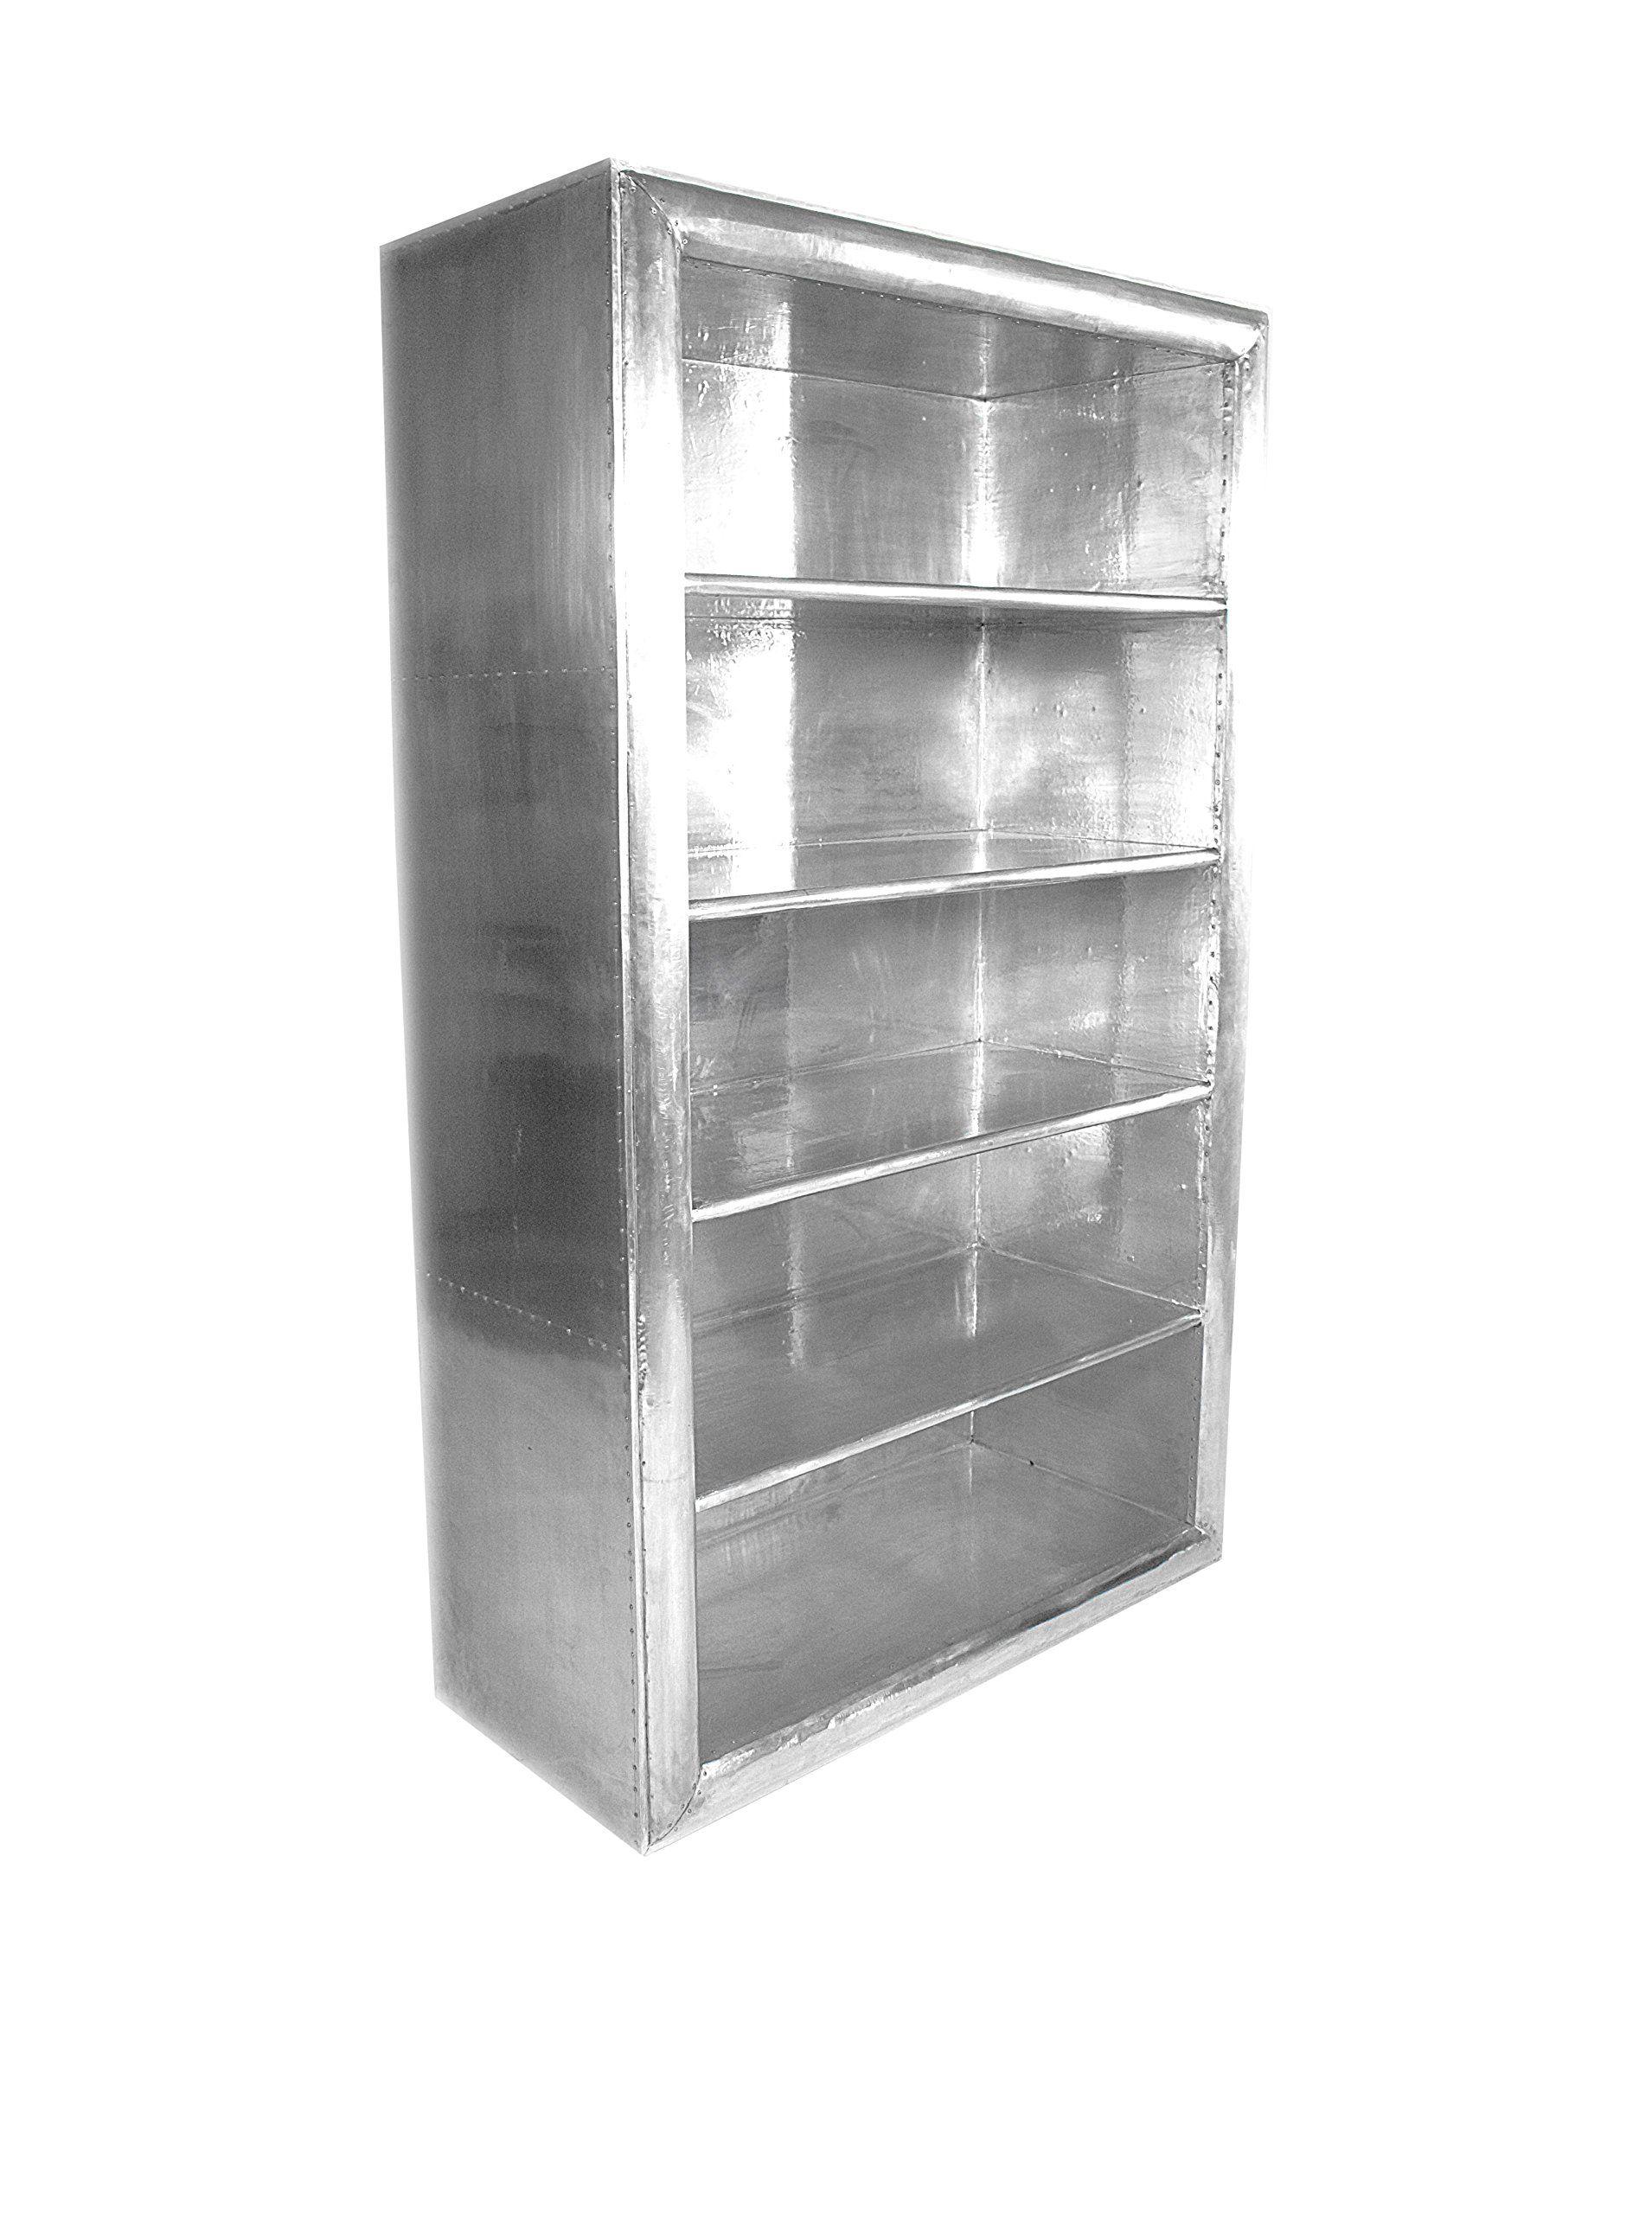 Cdi Furniture Aero Design Bookcase Silver At Myhabit Home Furniture Furniture Bookcase